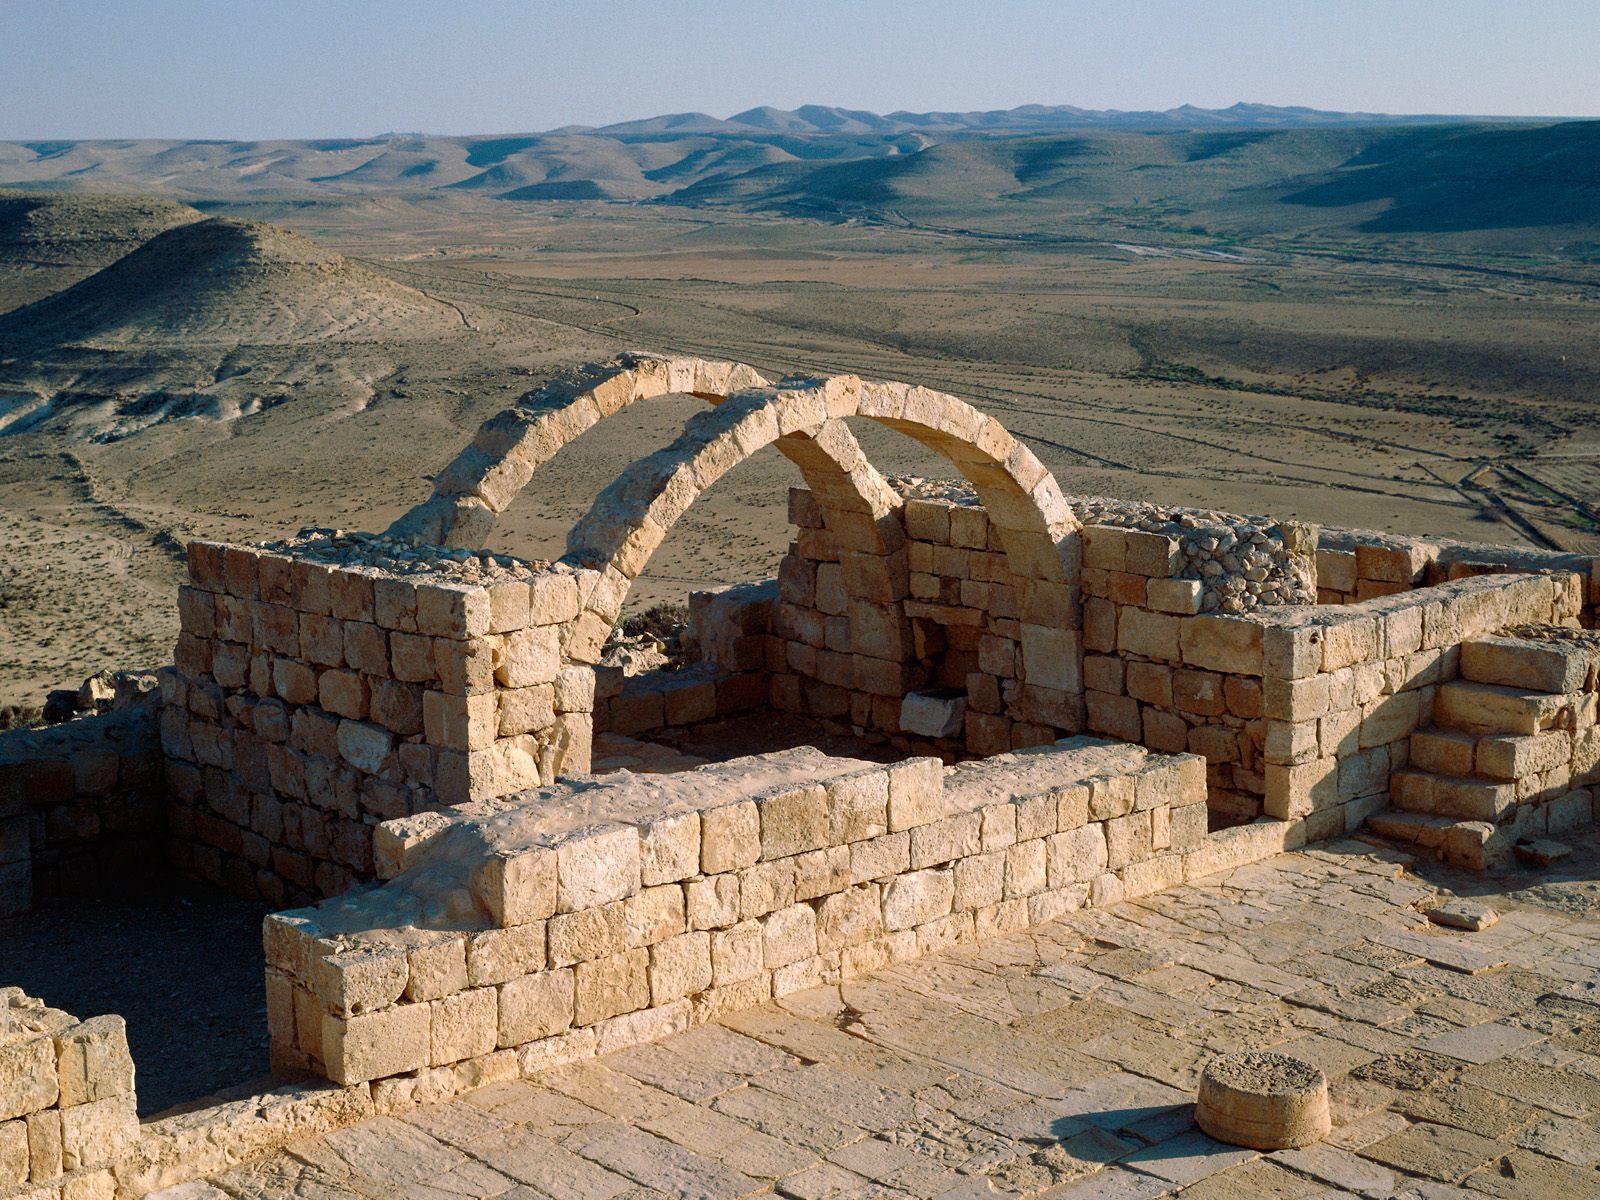 Avdat Negev Desert Israel 1600x1200